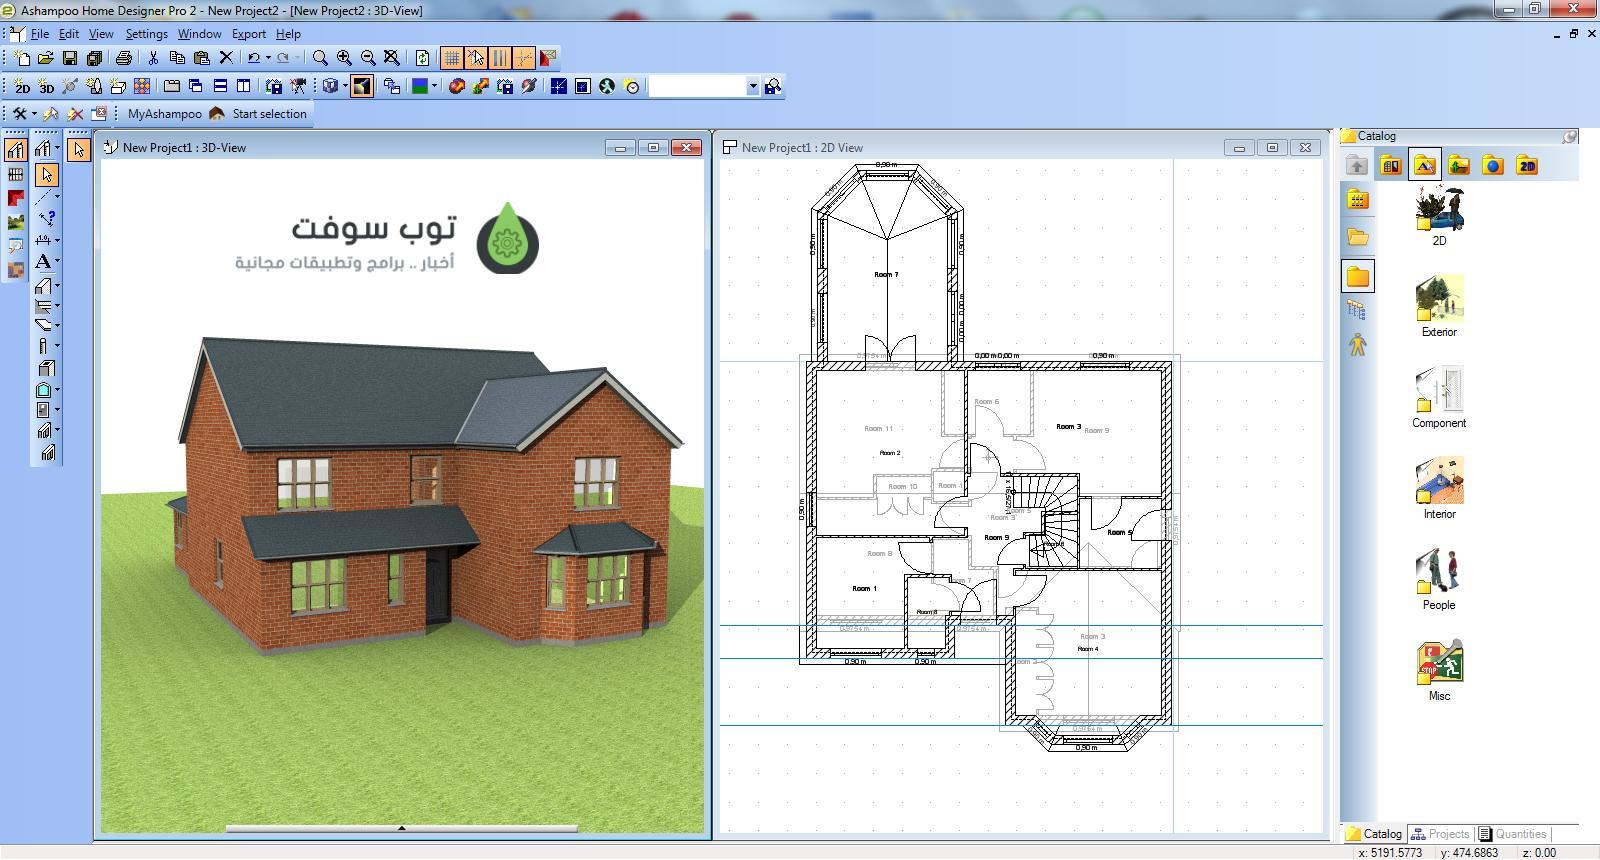 برنامج إنشاء تصاميم ثلاثية الأبعاد للمنازل والمبانى Ashampoo Home Designer Pro